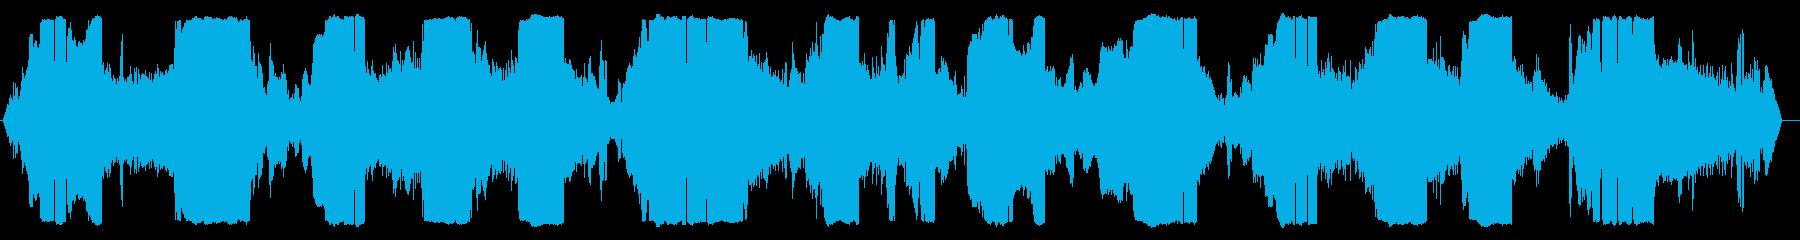 ビンテージフォーミュラ1;インター...の再生済みの波形